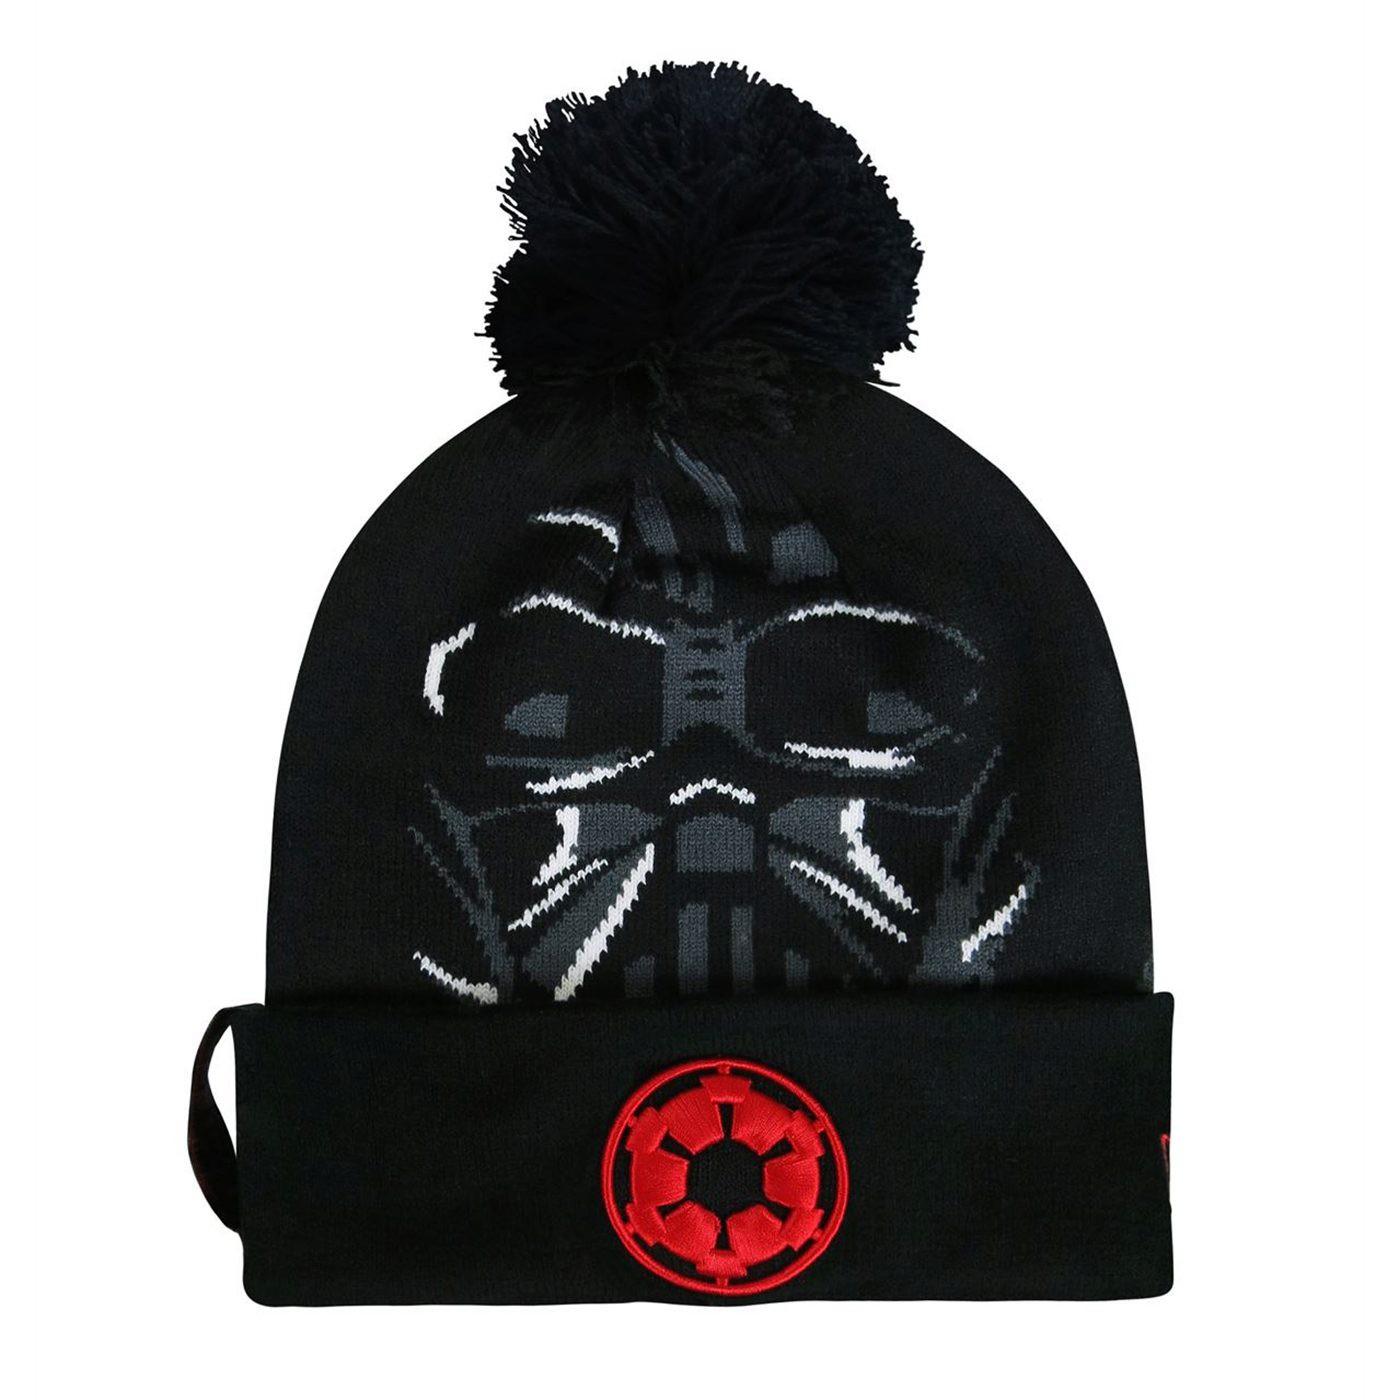 Star Wars Rogue One Darth Vader Beanie